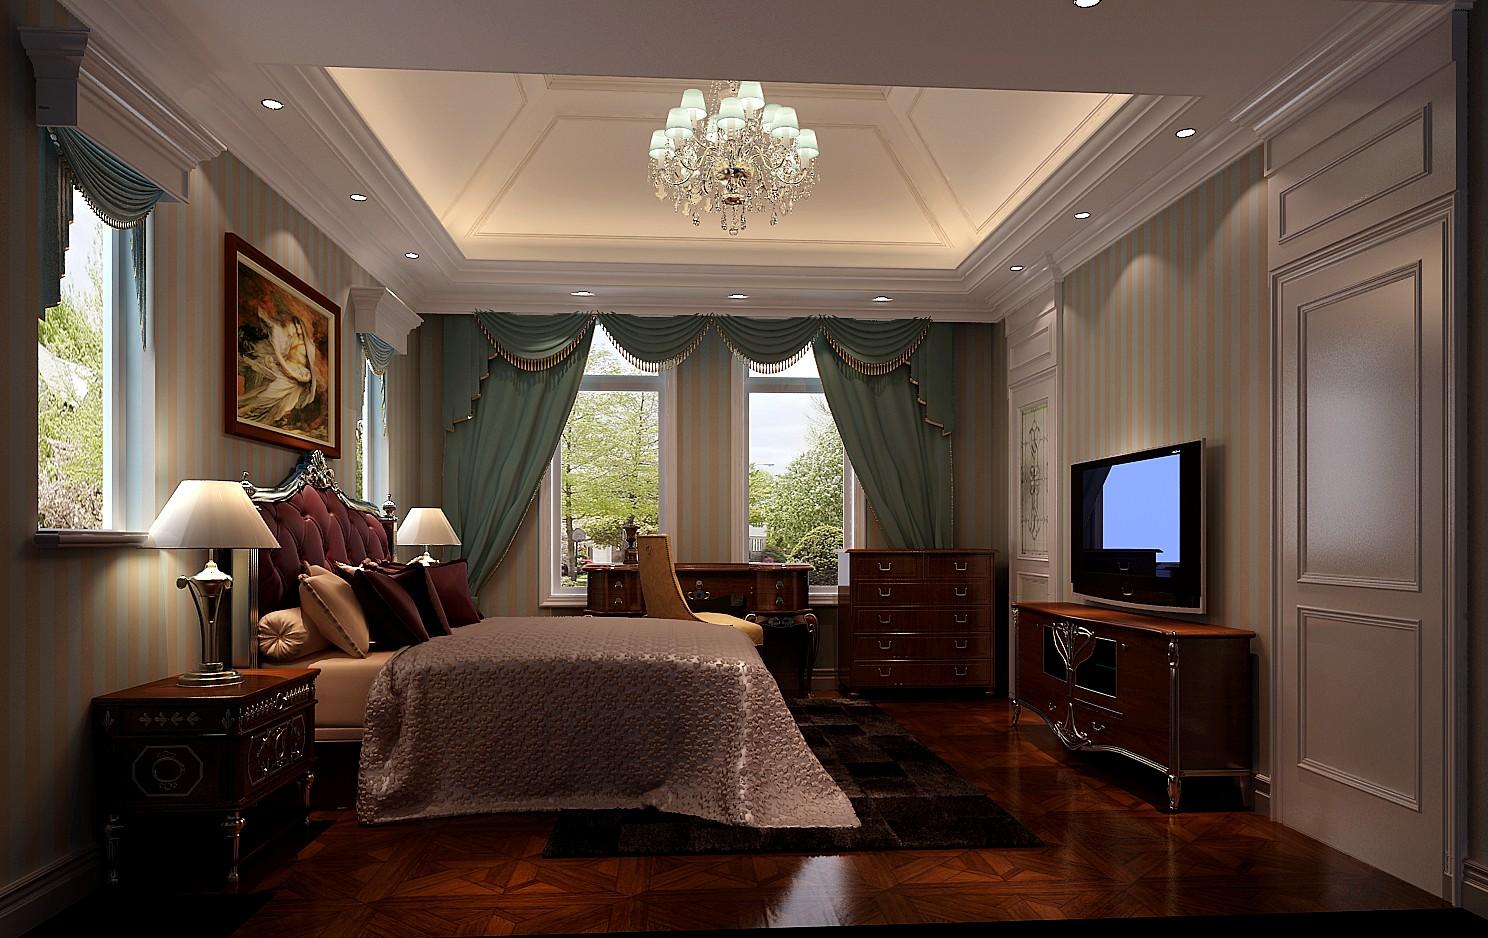 欧式 三居 混搭 别墅 白领 收纳 小资 高度国际 小清新 卧室图片来自高度国际王慧芳在15万打造欧式中海尚湖世家的分享